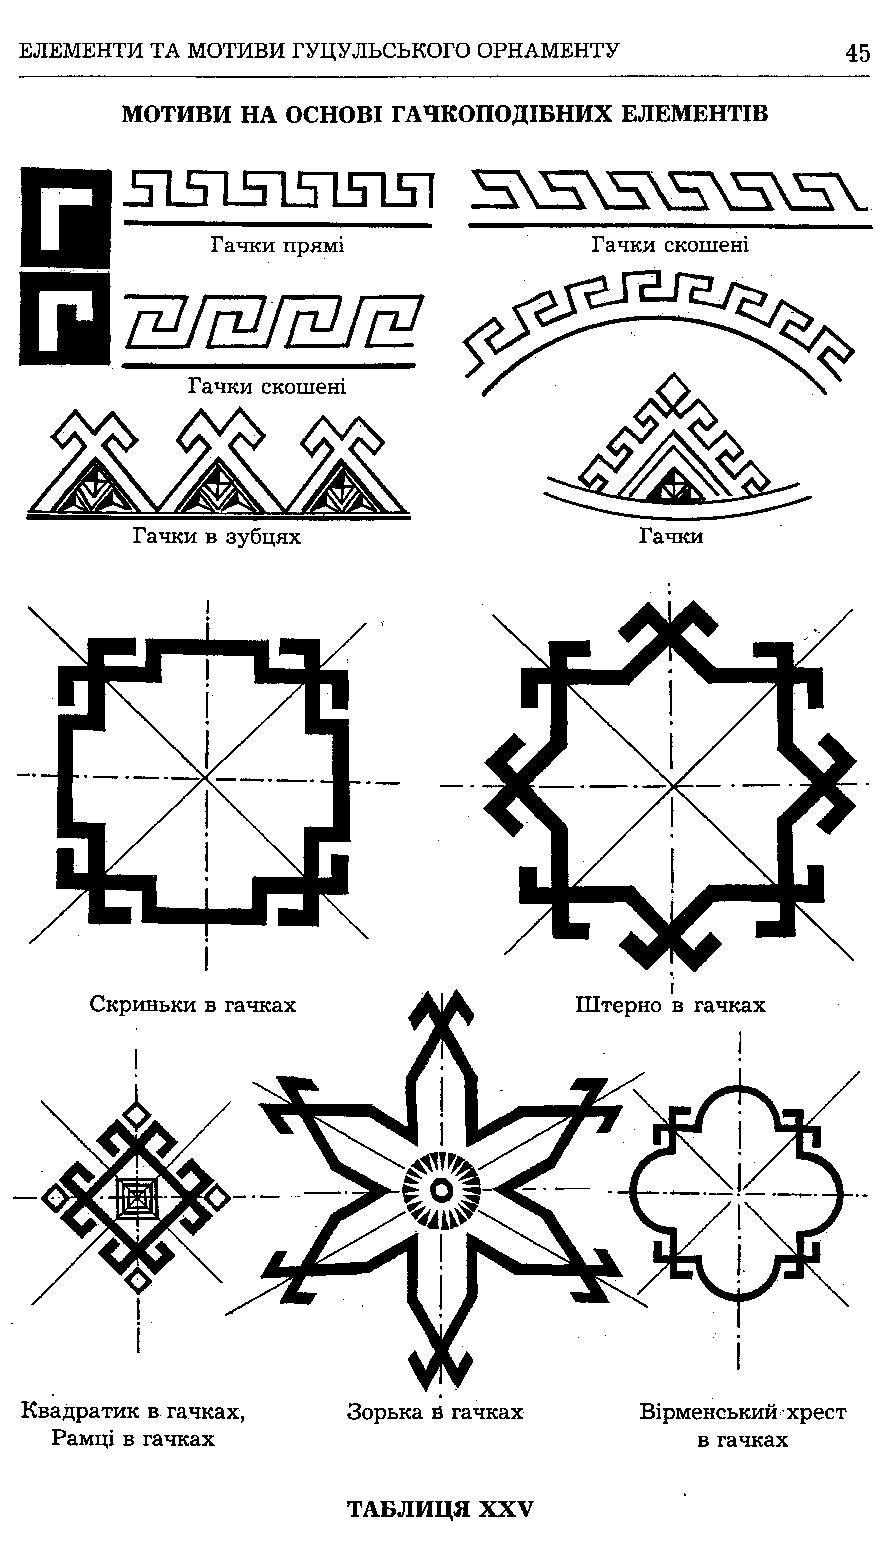 Tablitsya-25-Motiva-na-osnovi-gachkopodibnih-elementiv